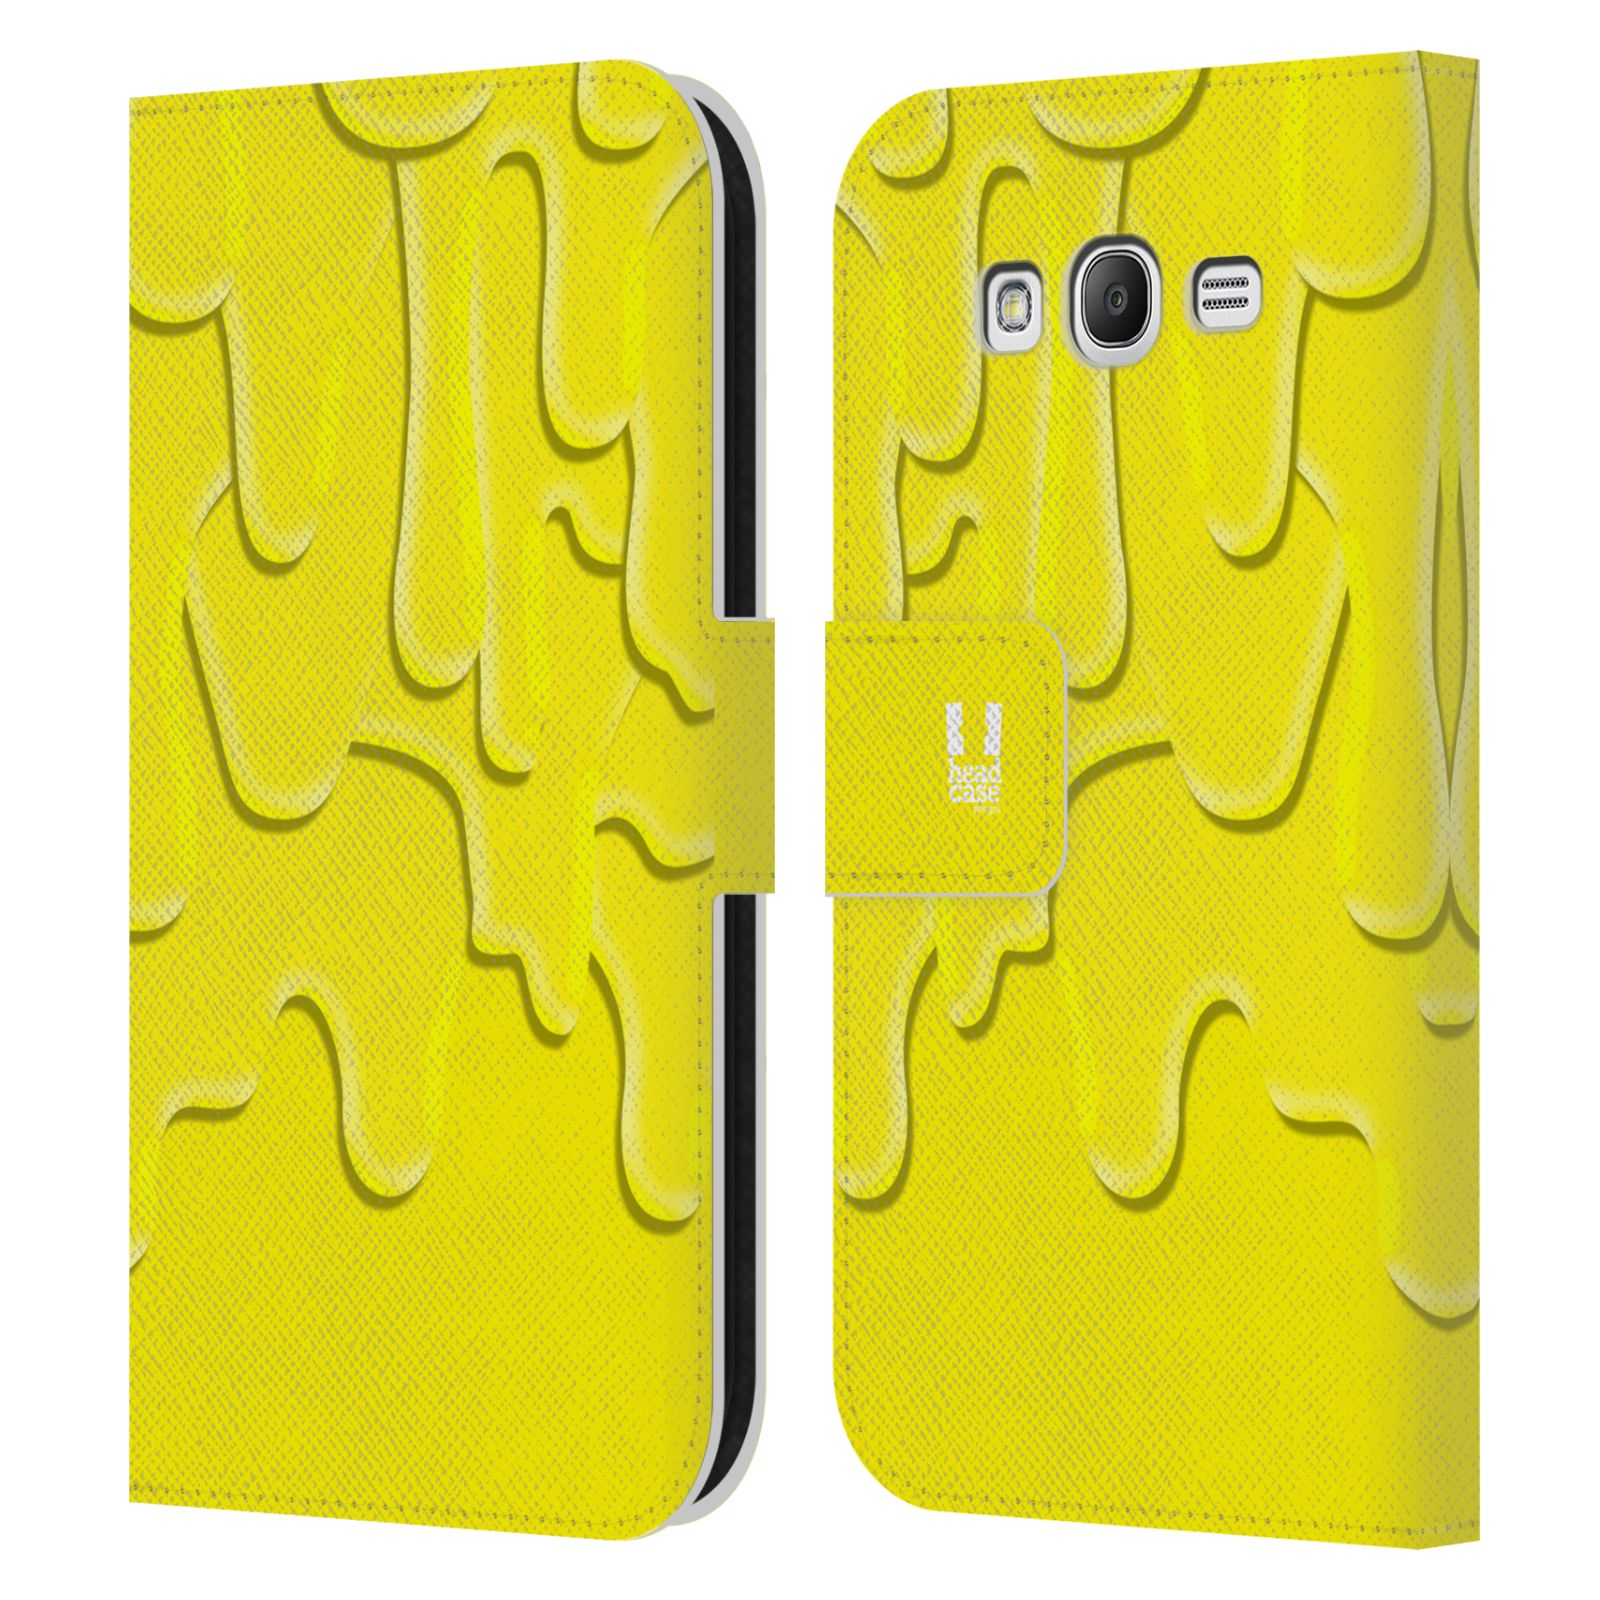 HEAD CASE Flipové pouzdro pro mobil Samsung Galaxy Grand i9080 ZÁPLAVA BARVA žlutá